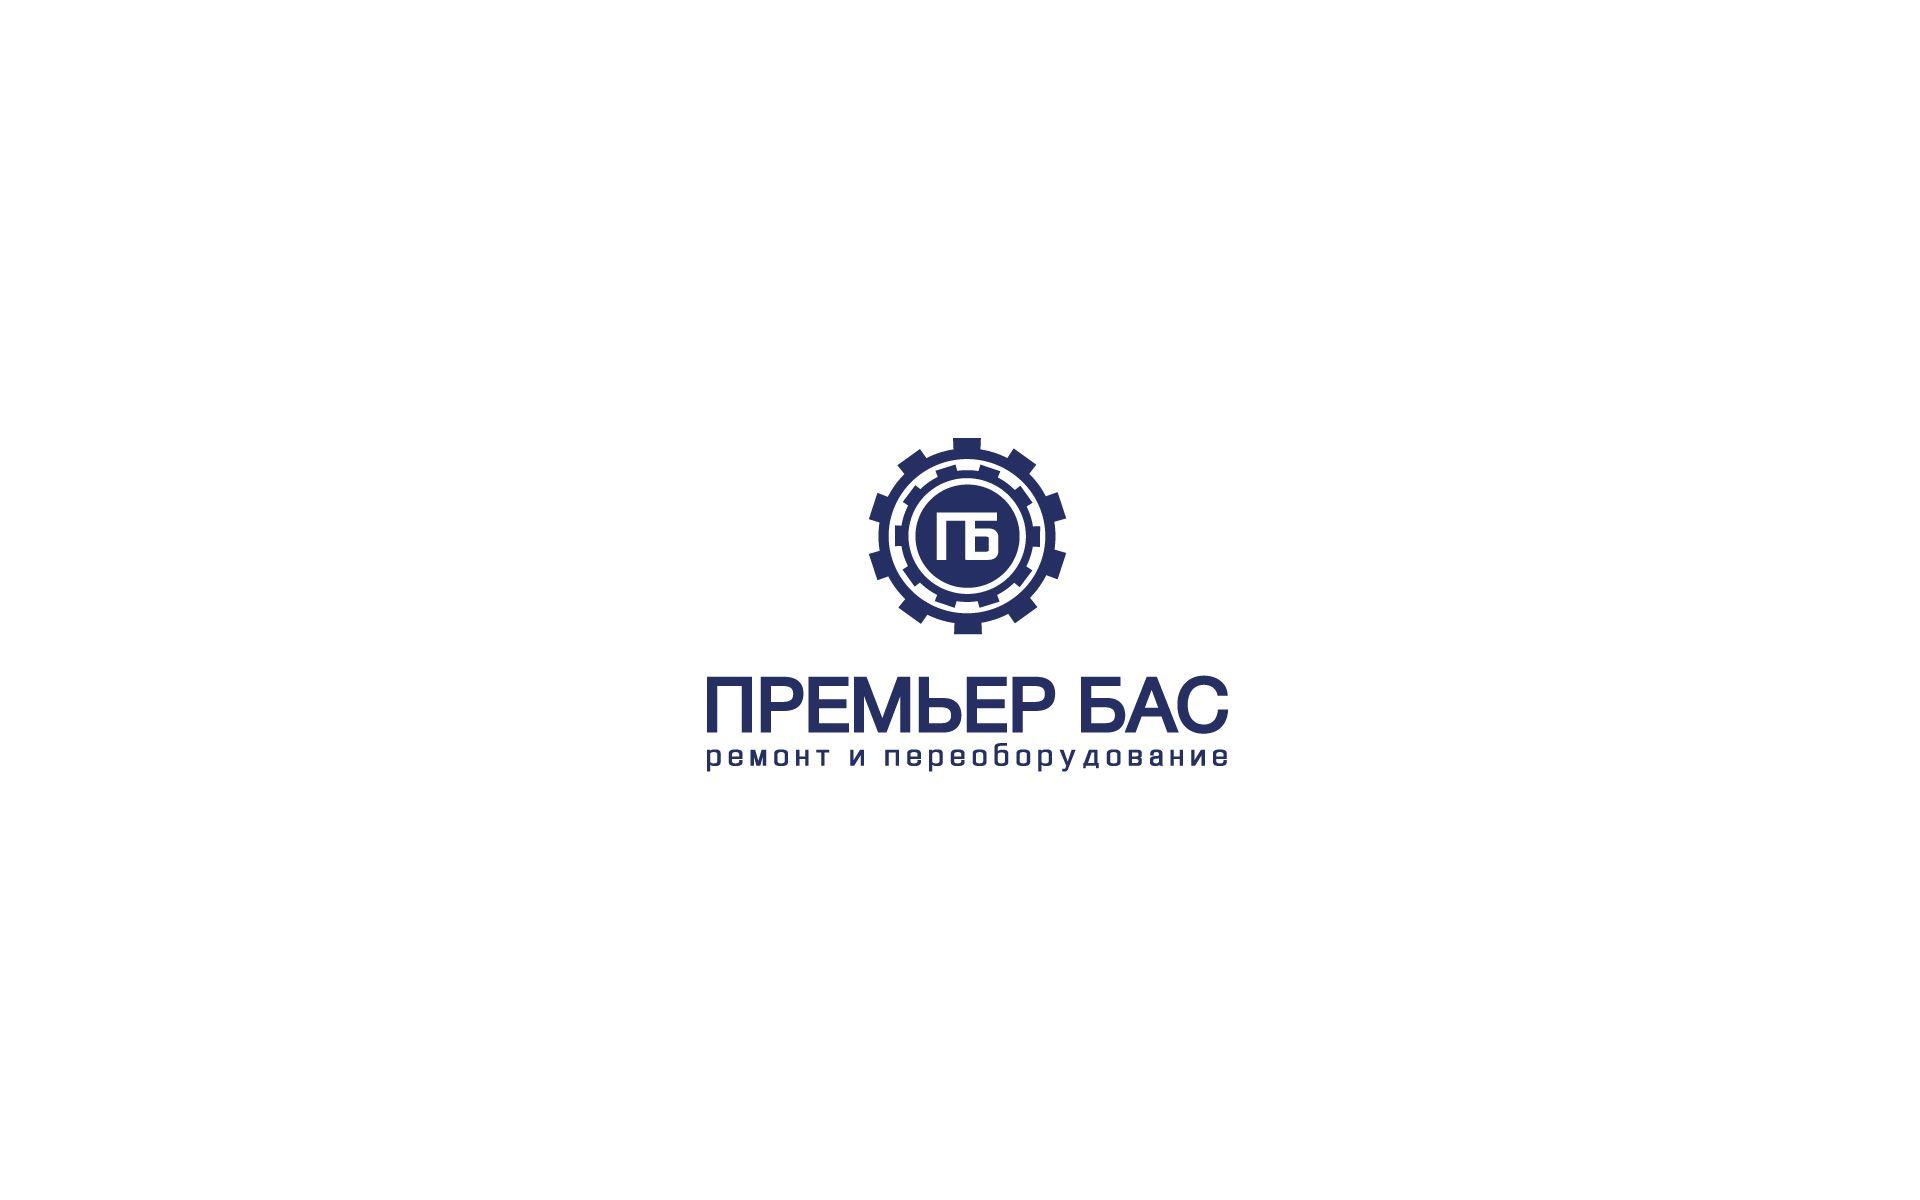 Лого компании по ремонту и тюнингу ком.тр-та - дизайнер U4po4mak